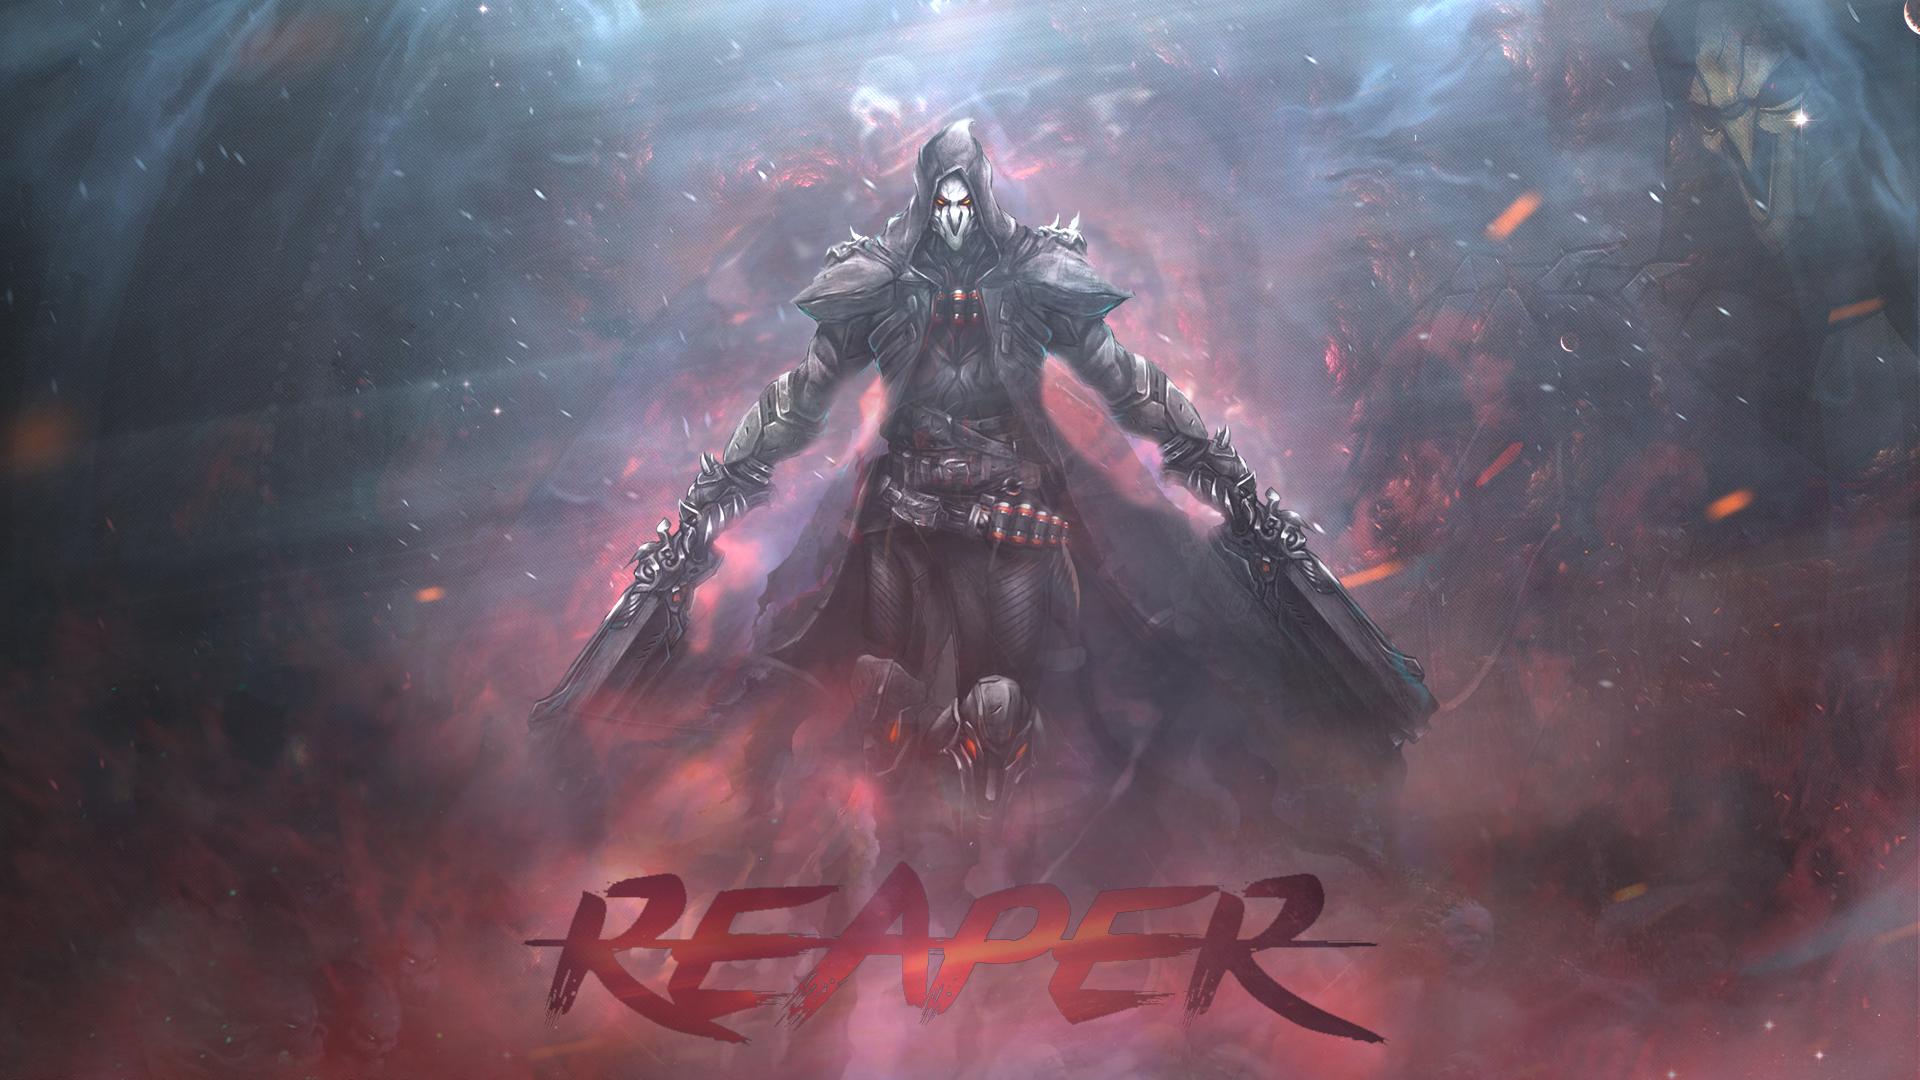 Reaper overwatch hd games 4k wallpapers images - Overwatch wallpaper 4k ...